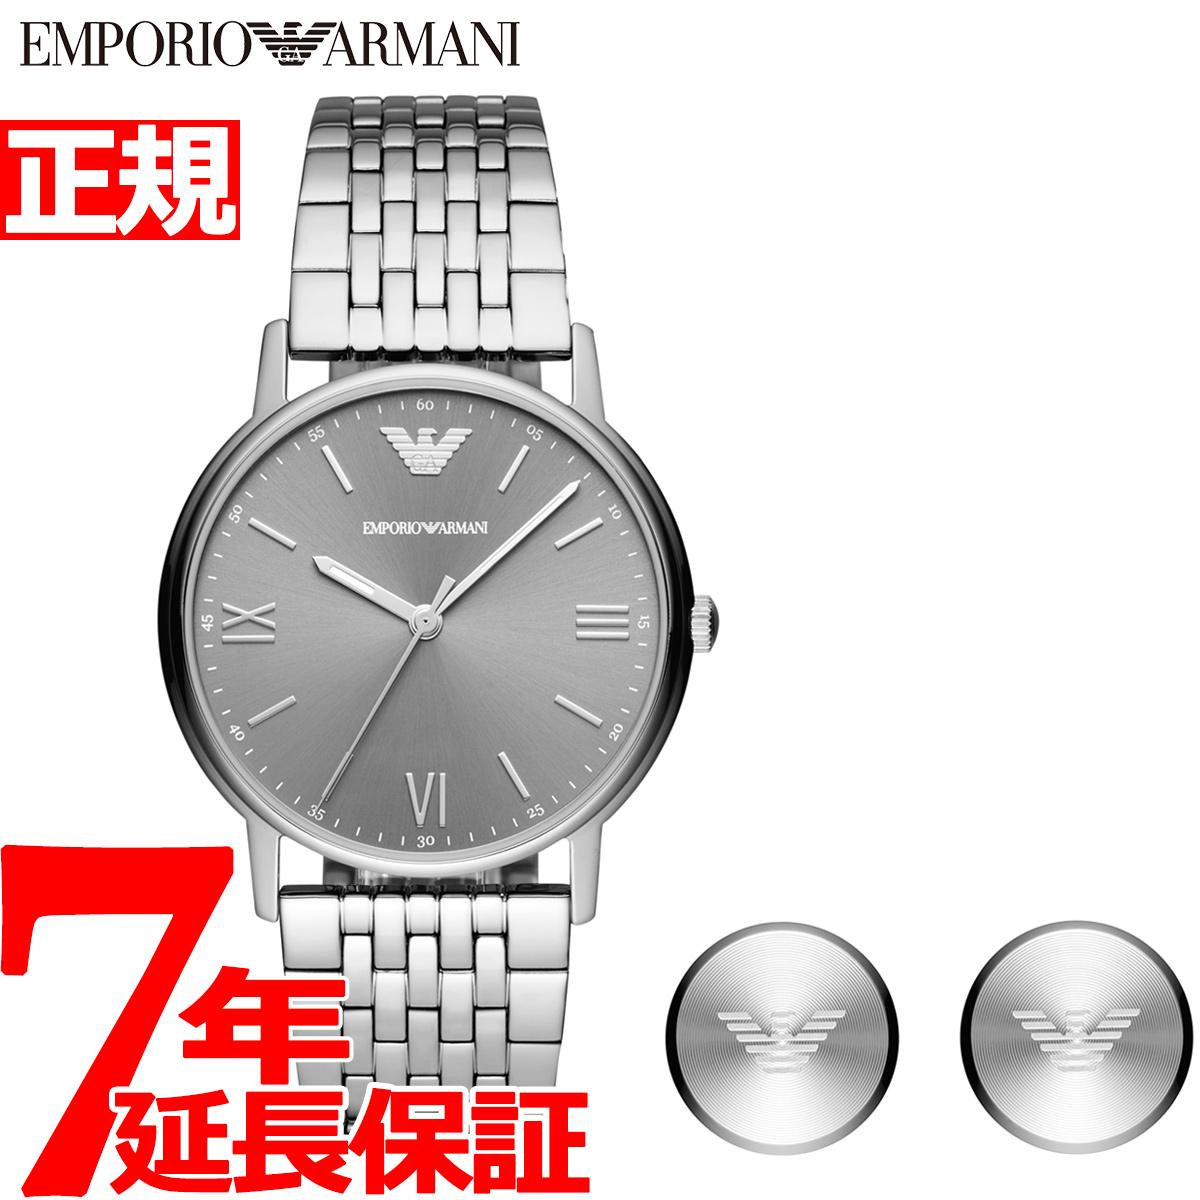 【5日0時~♪10%OFFクーポン&店内ポイント最大51倍!5日23時59分まで】エンポリオアルマーニ EMPORIO ARMANI 腕時計 メンズ AR80030